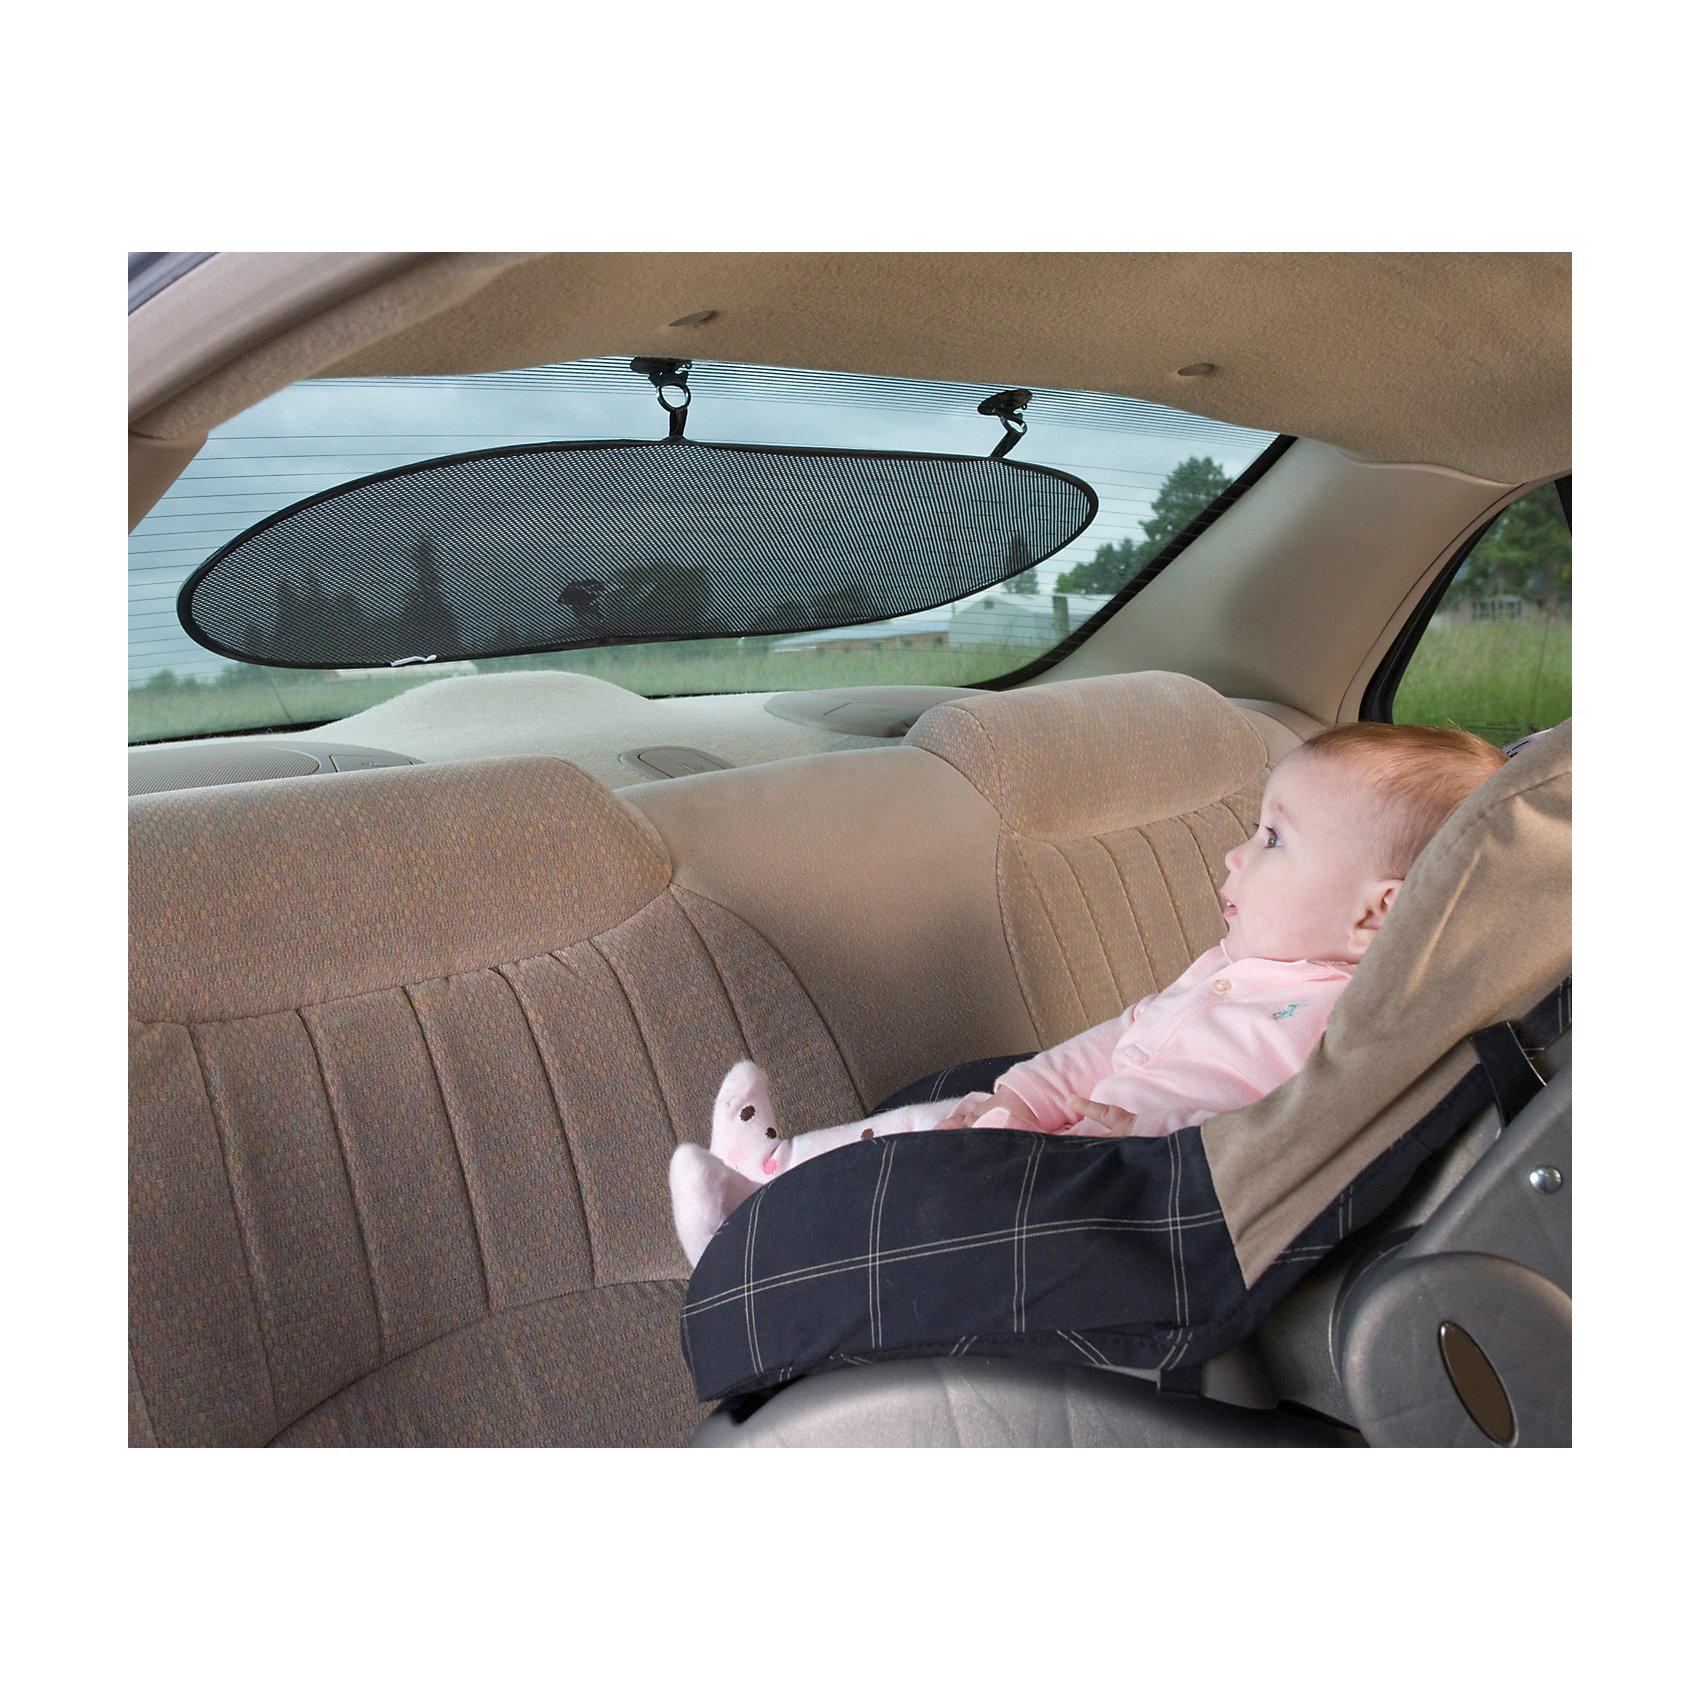 Шторка от солнца для автомобиля Sun Stop, DionoSun Stop - шторка для автомобиля. Она защитит ребенка от ярких солнечных лучей. Шторка надежно крепится на стекло автомобиля с помощью присосок.<br>Дополнительная информация:<br>-подходит ко всем автомобилям<br>-самораскрывающаяся конструкция<br>Материал: пластик<br>Цвет: черный<br>Размеры:  32,5х82,5 см<br>Шторку от солнца для автомобиля Sun Stop можно приобрести в нашем интернет-магазине.<br><br>Ширина мм: 311<br>Глубина мм: 213<br>Высота мм: 32<br>Вес г: 202<br>Цвет: черный<br>Возраст от месяцев: 0<br>Возраст до месяцев: 144<br>Пол: Унисекс<br>Возраст: Детский<br>SKU: 3177574